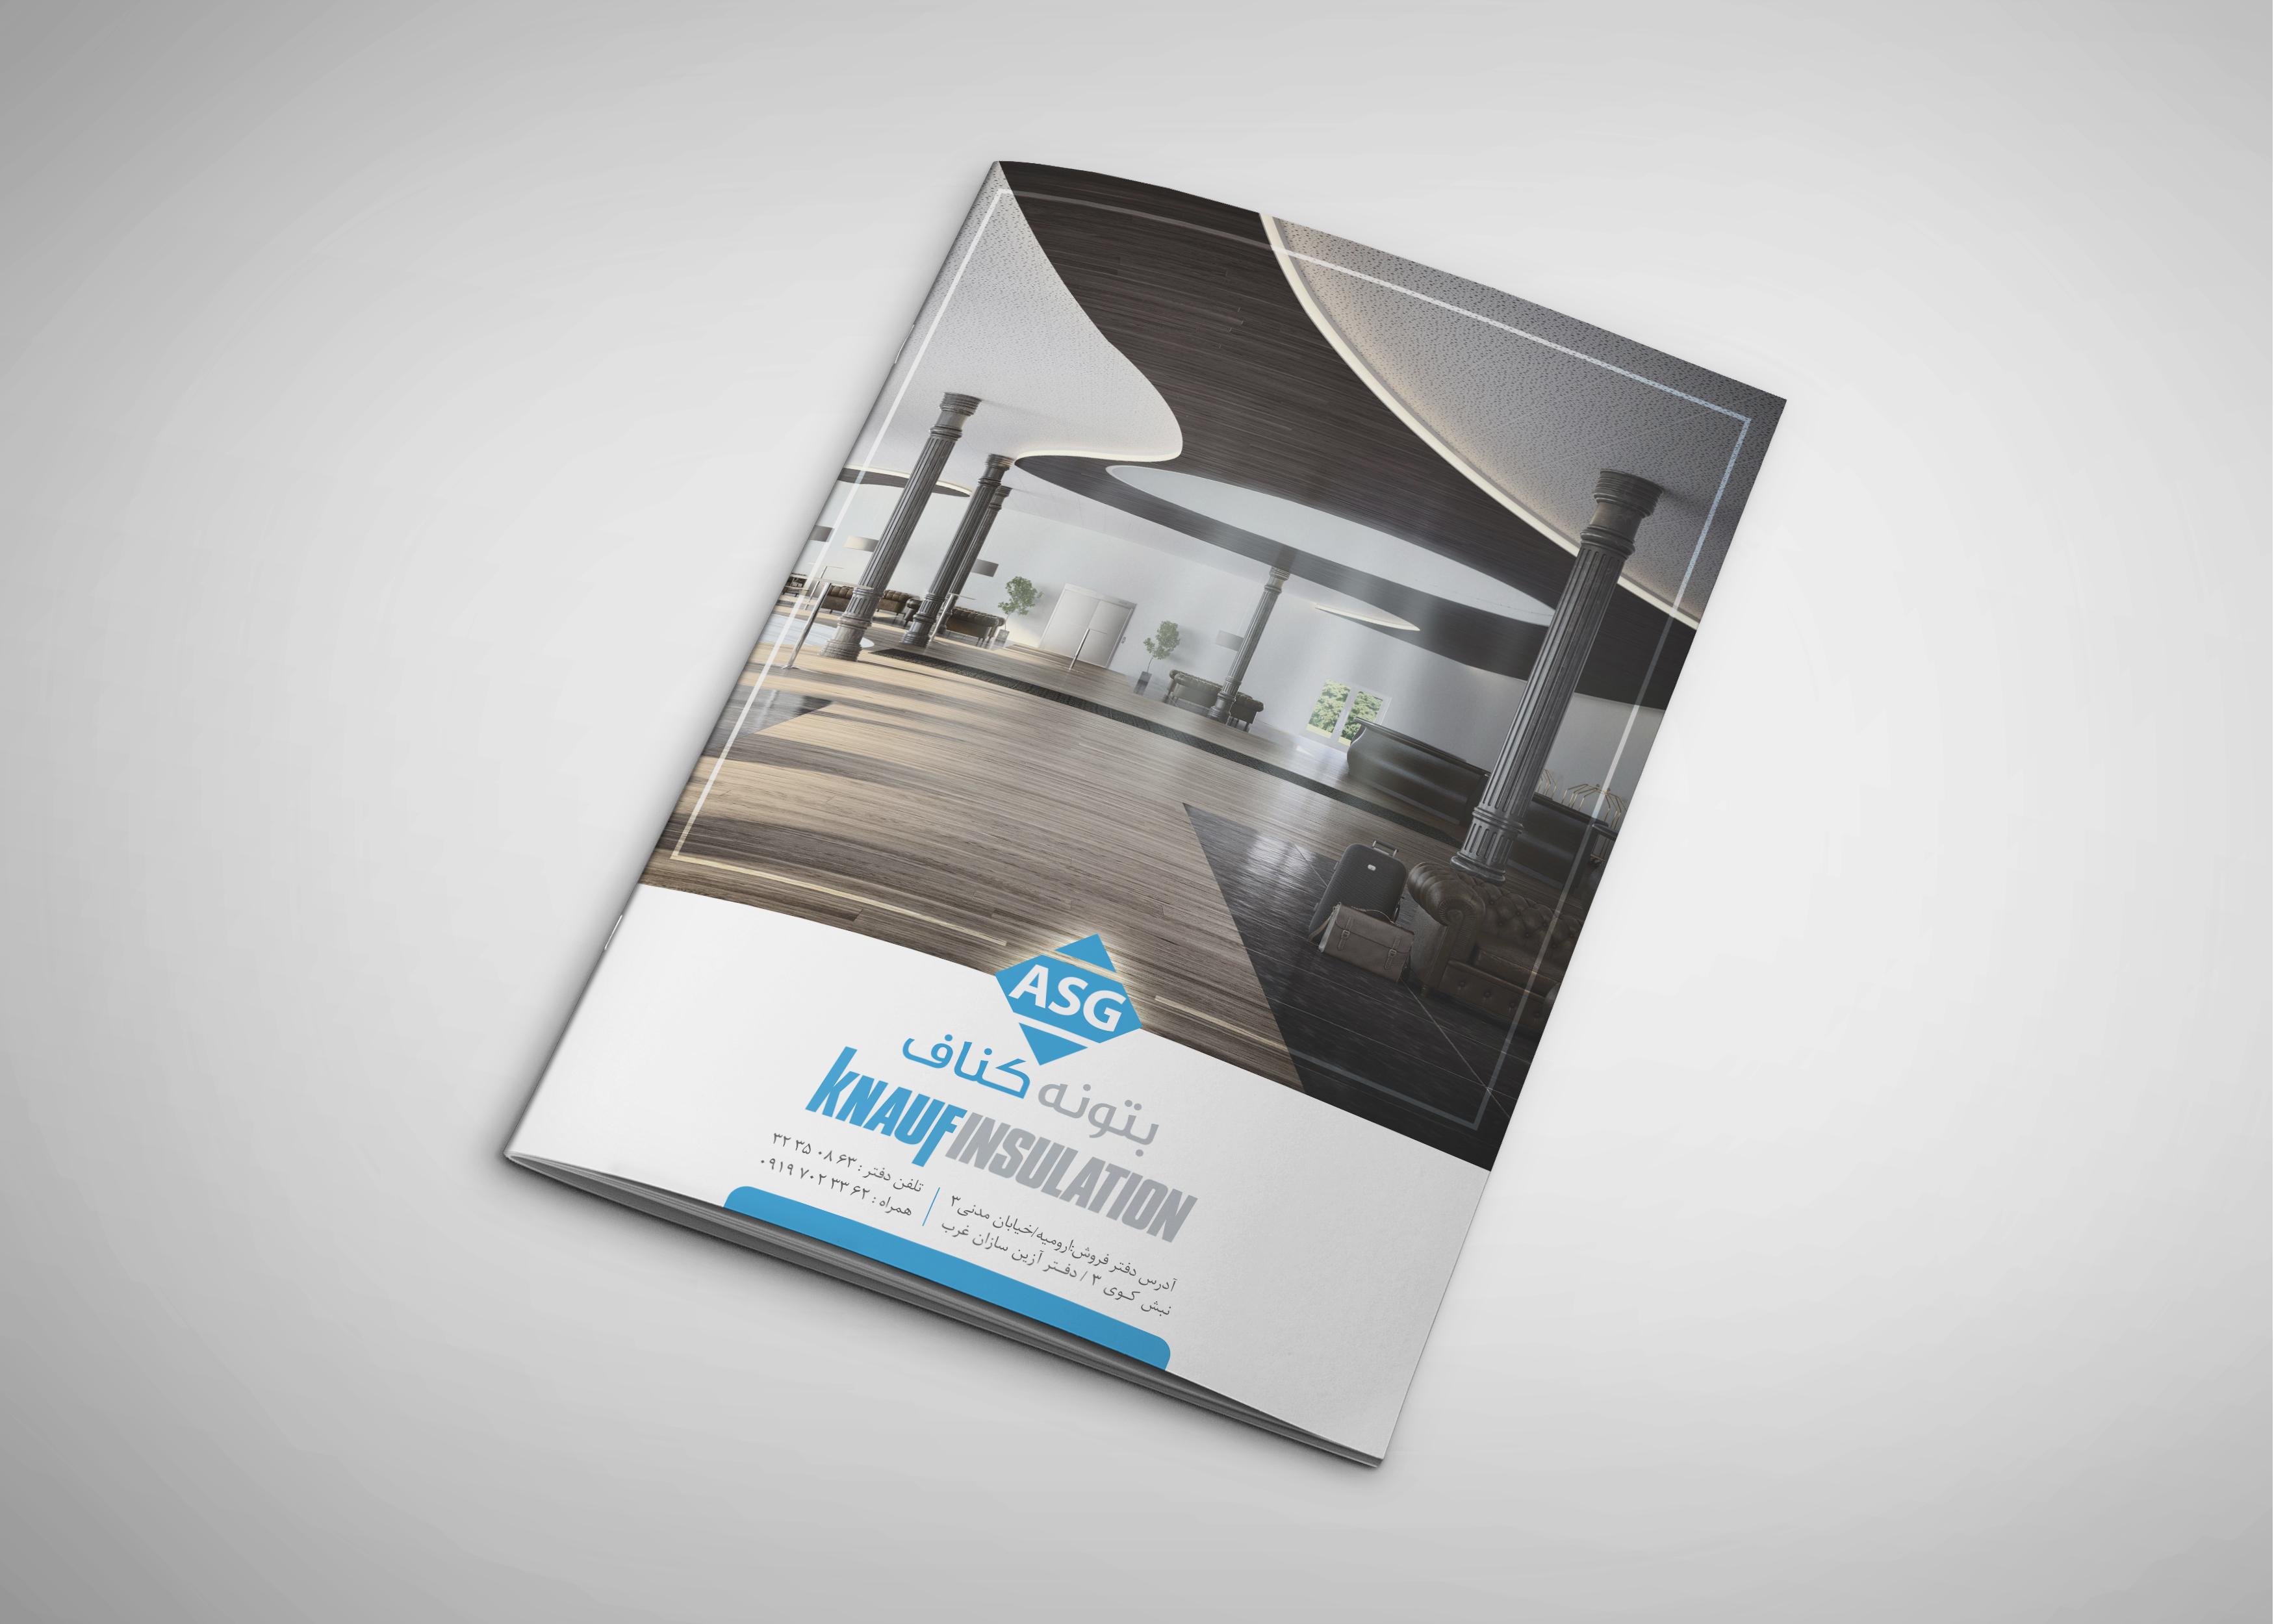 طراحی کتابچه کناف